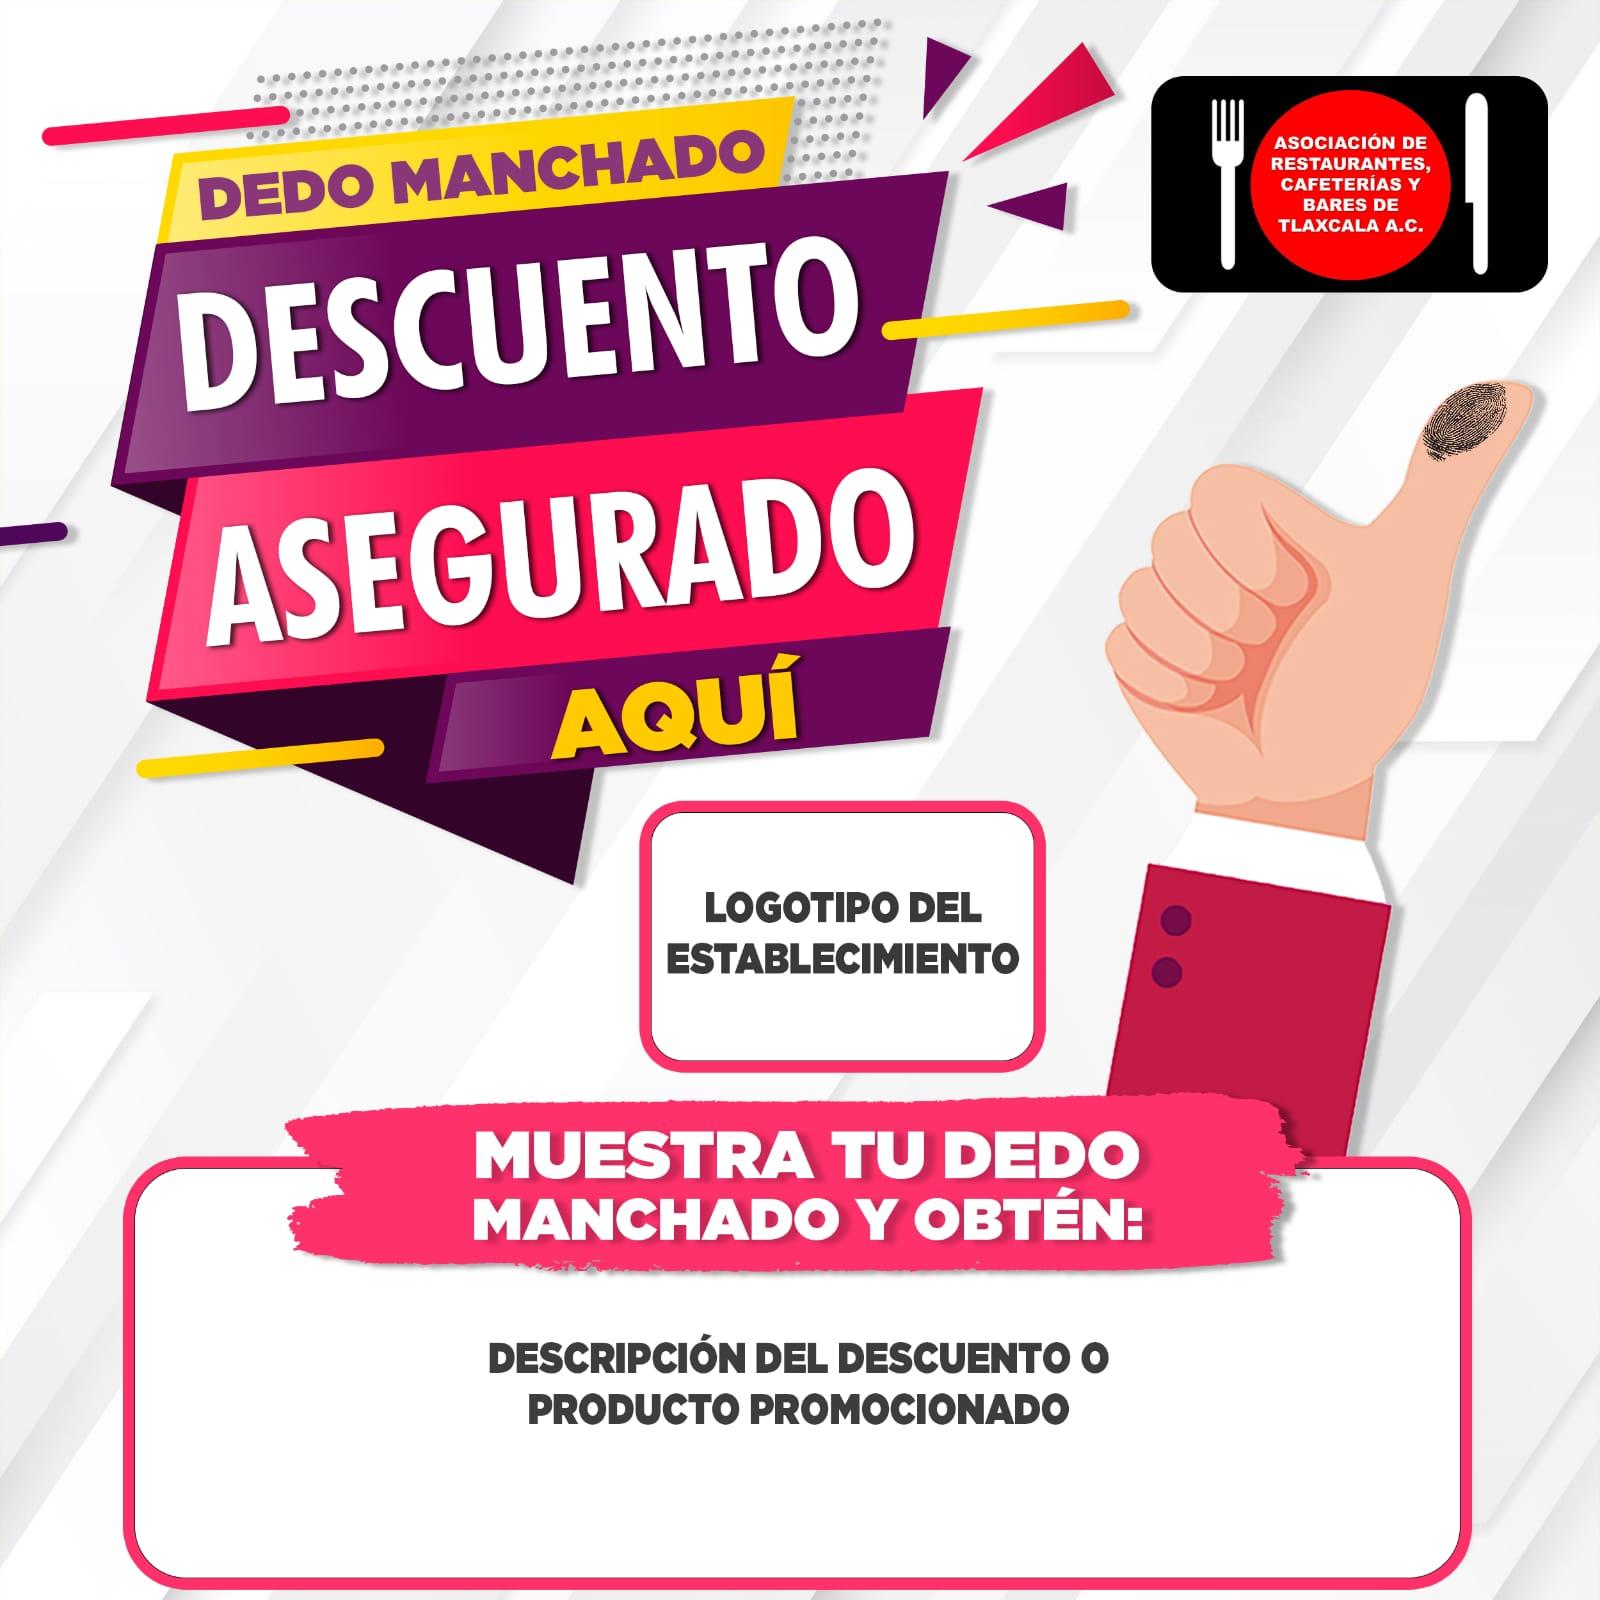 empresas-elecciones 2021-Tlaxcala-dedo manchado-Coparmex-Canirac-restaurantes-bares-cafeterías